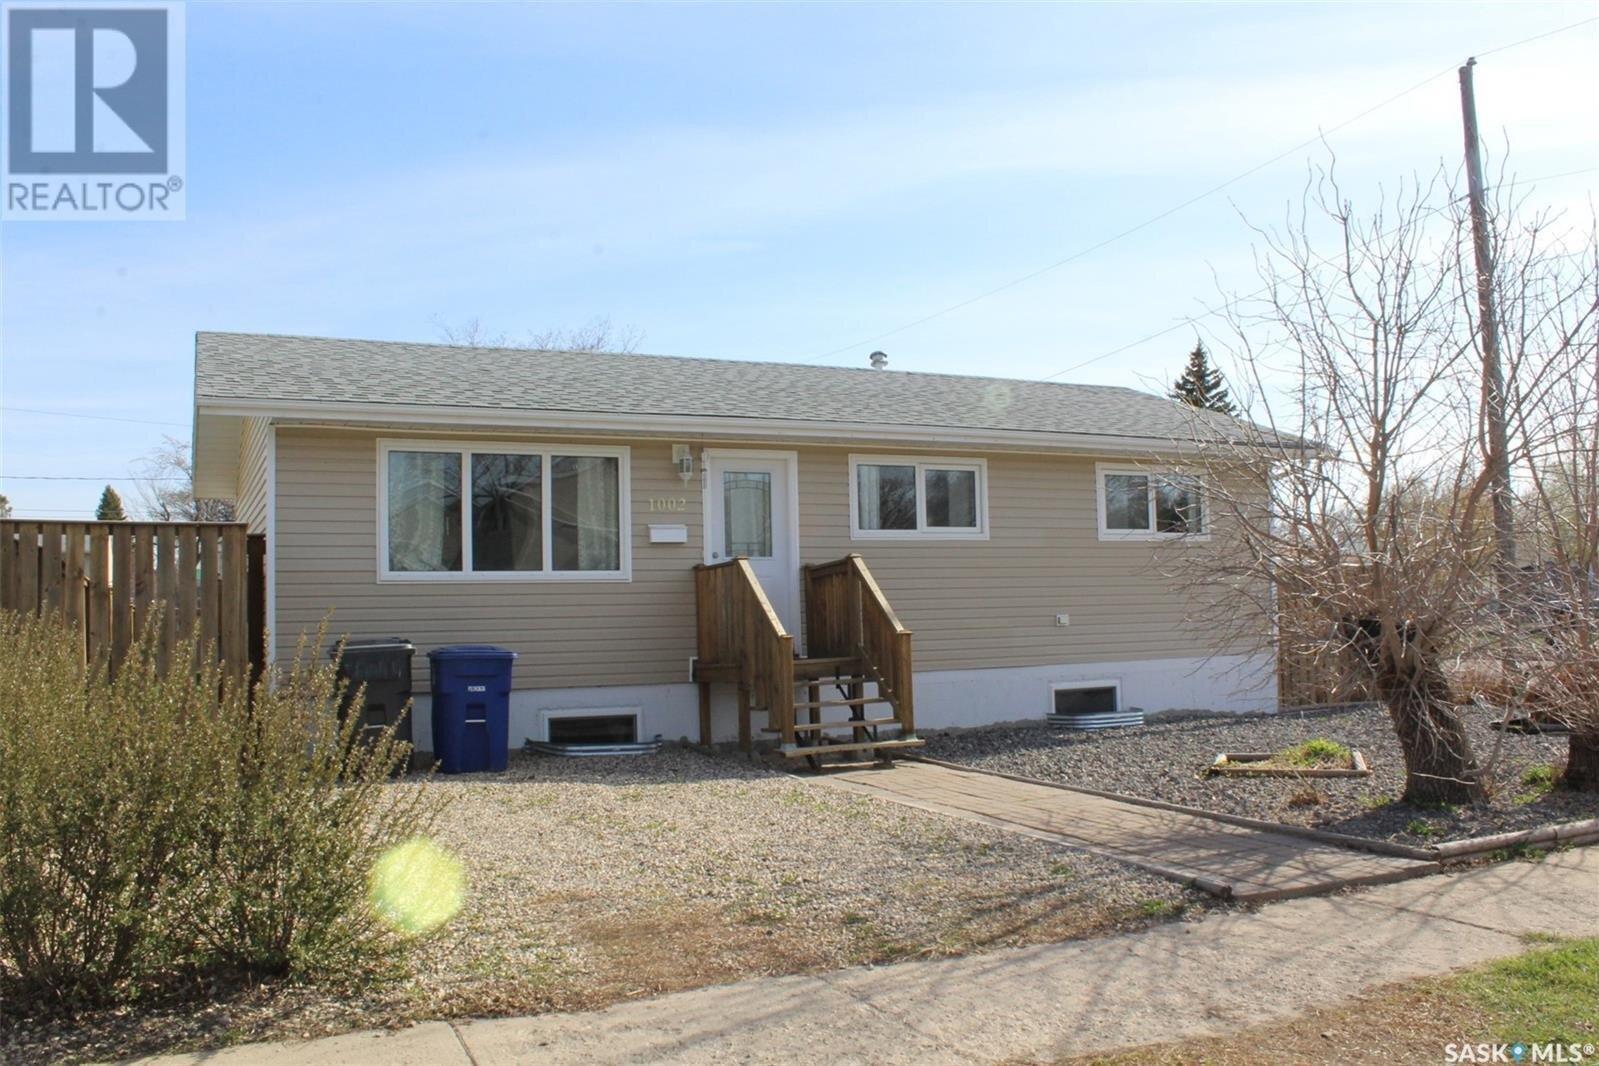 House for sale at 1002 Park Ave Weyburn Saskatchewan - MLS: SK837517